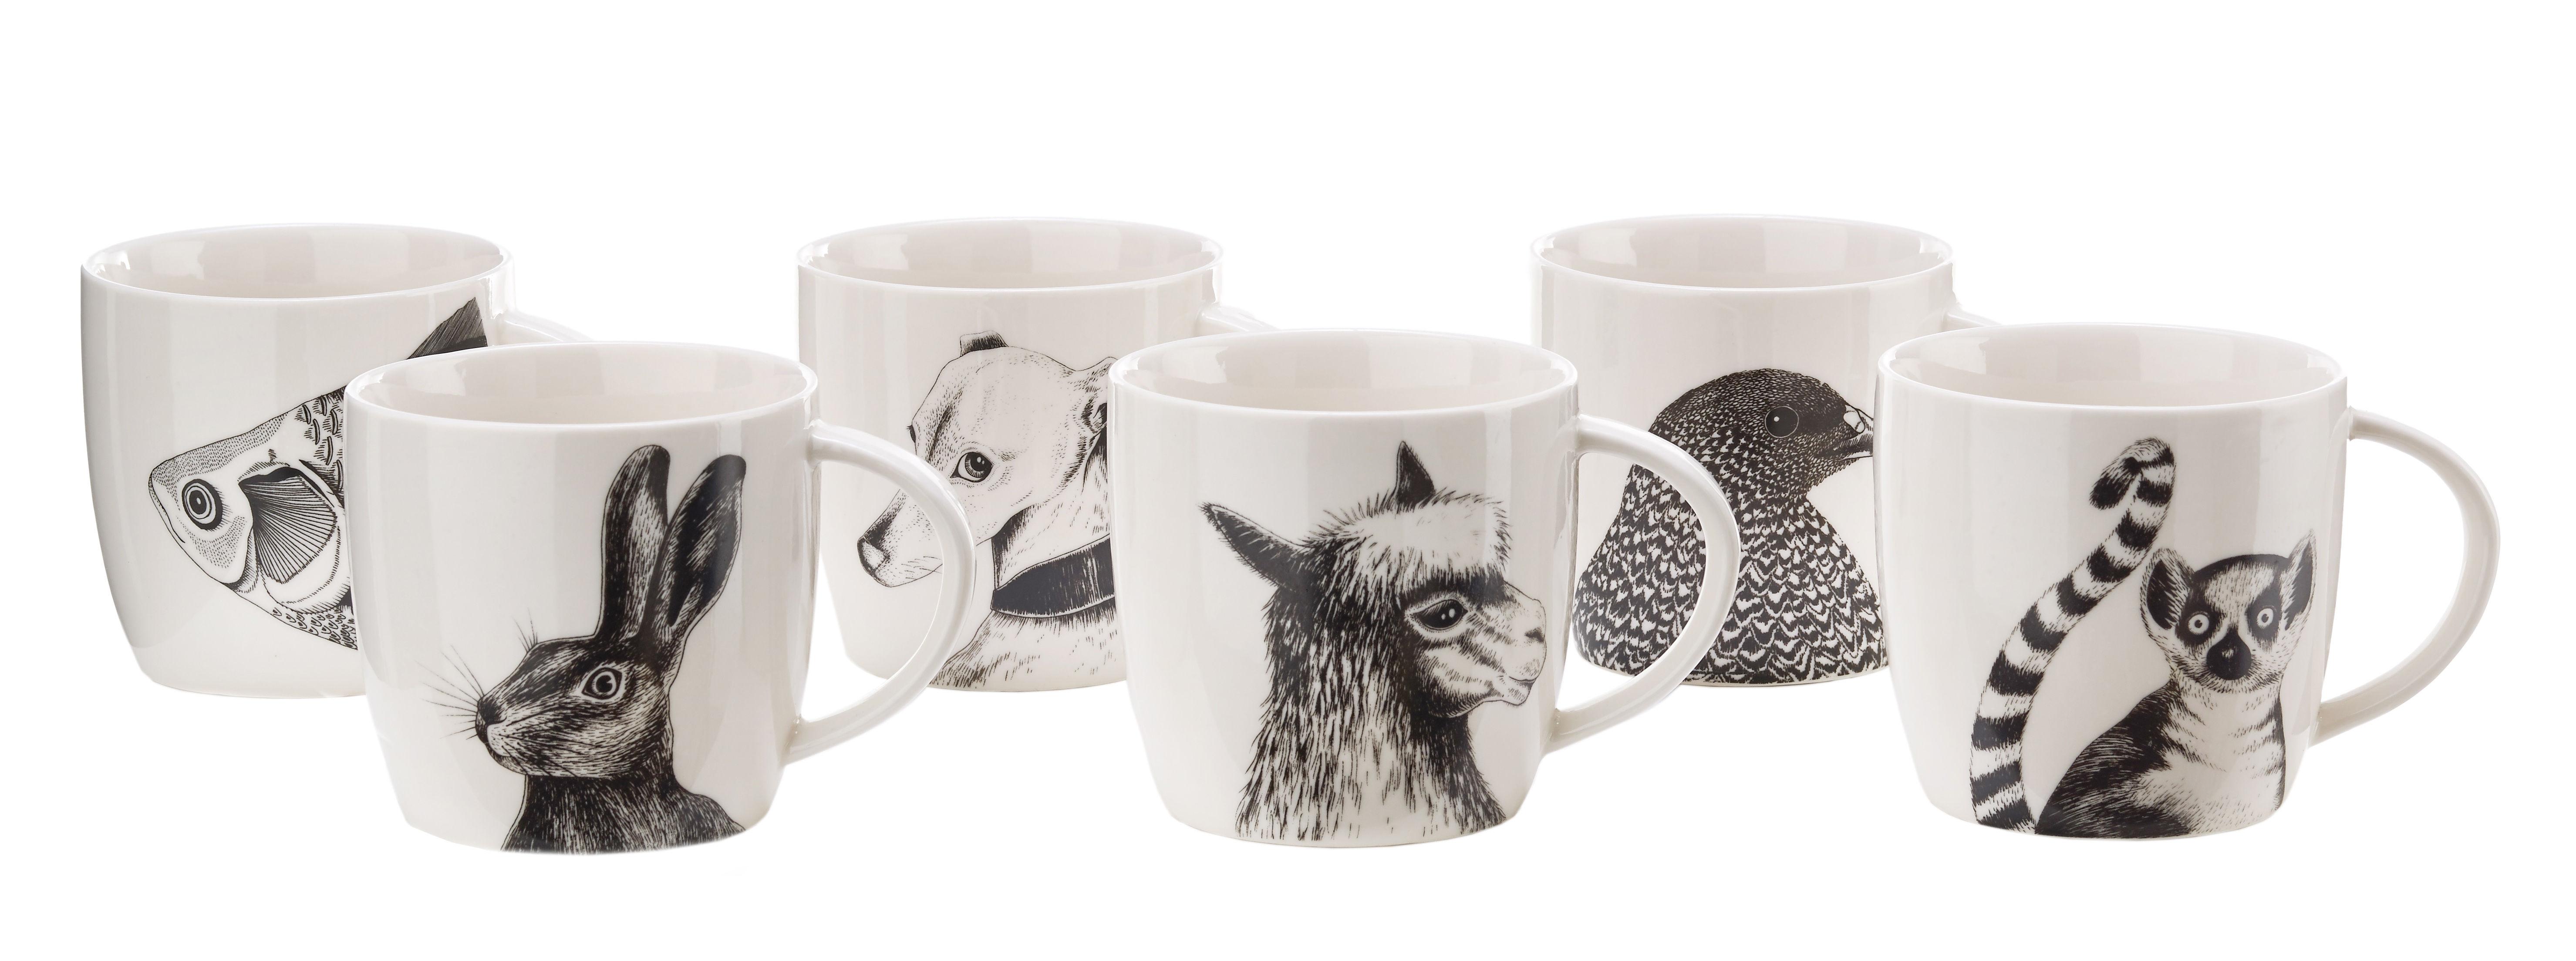 Arts de la table - Tasses et mugs - Mug Animals / Set de 6 - Porcelaine - Pols Potten - Noir & blanc - Porcelaine vitrifiée